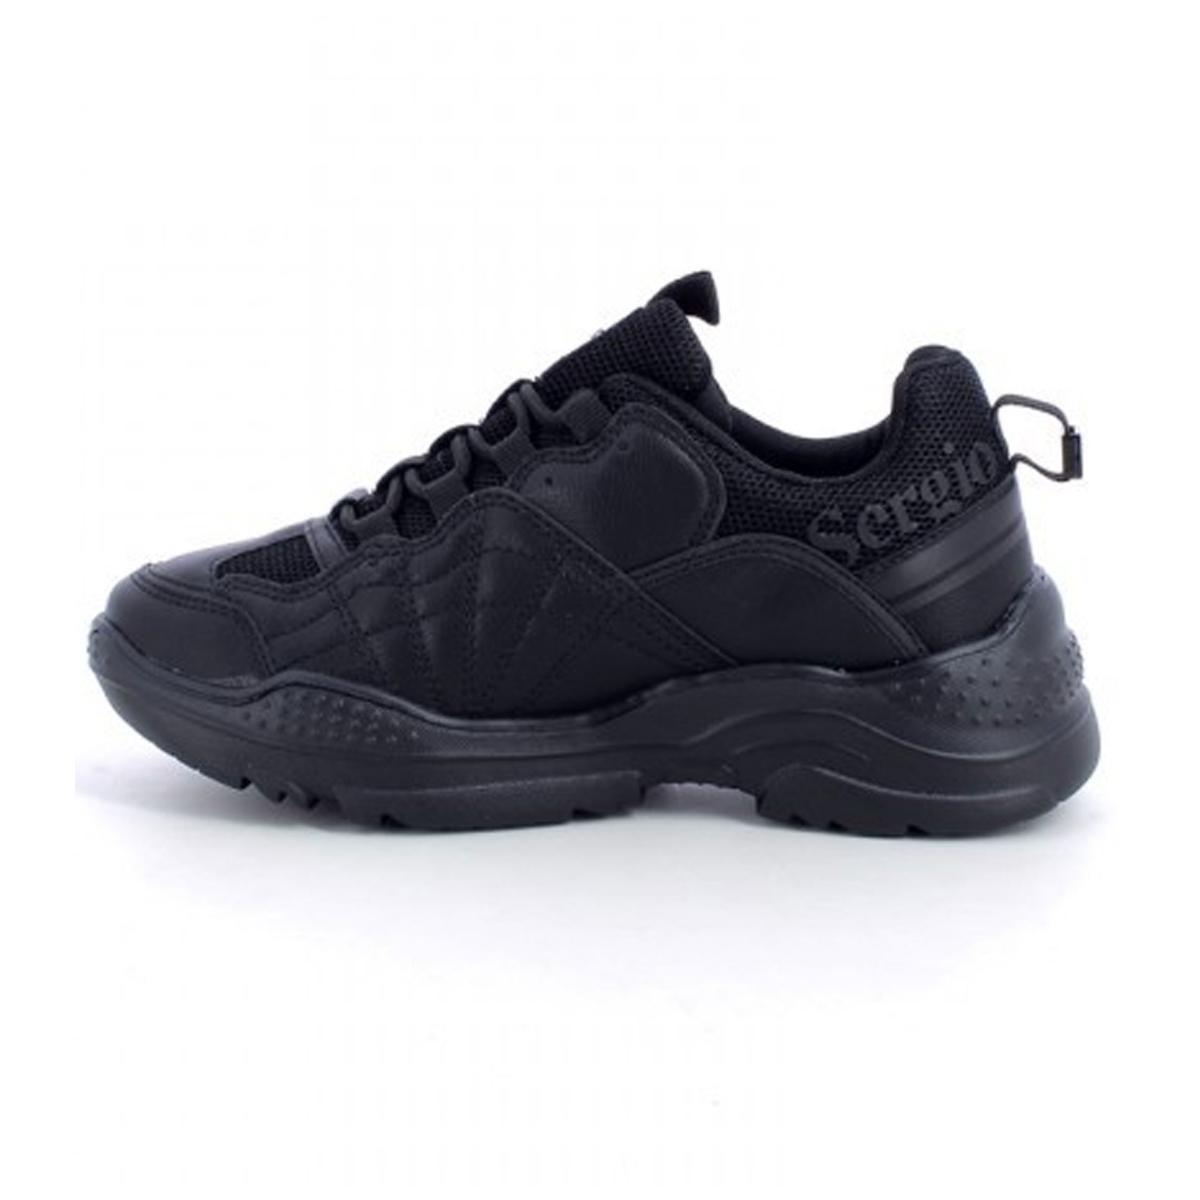 Scarpe Sneakers Sergio Tacchini DISTRUCTION LTX da donna rif. STW928201